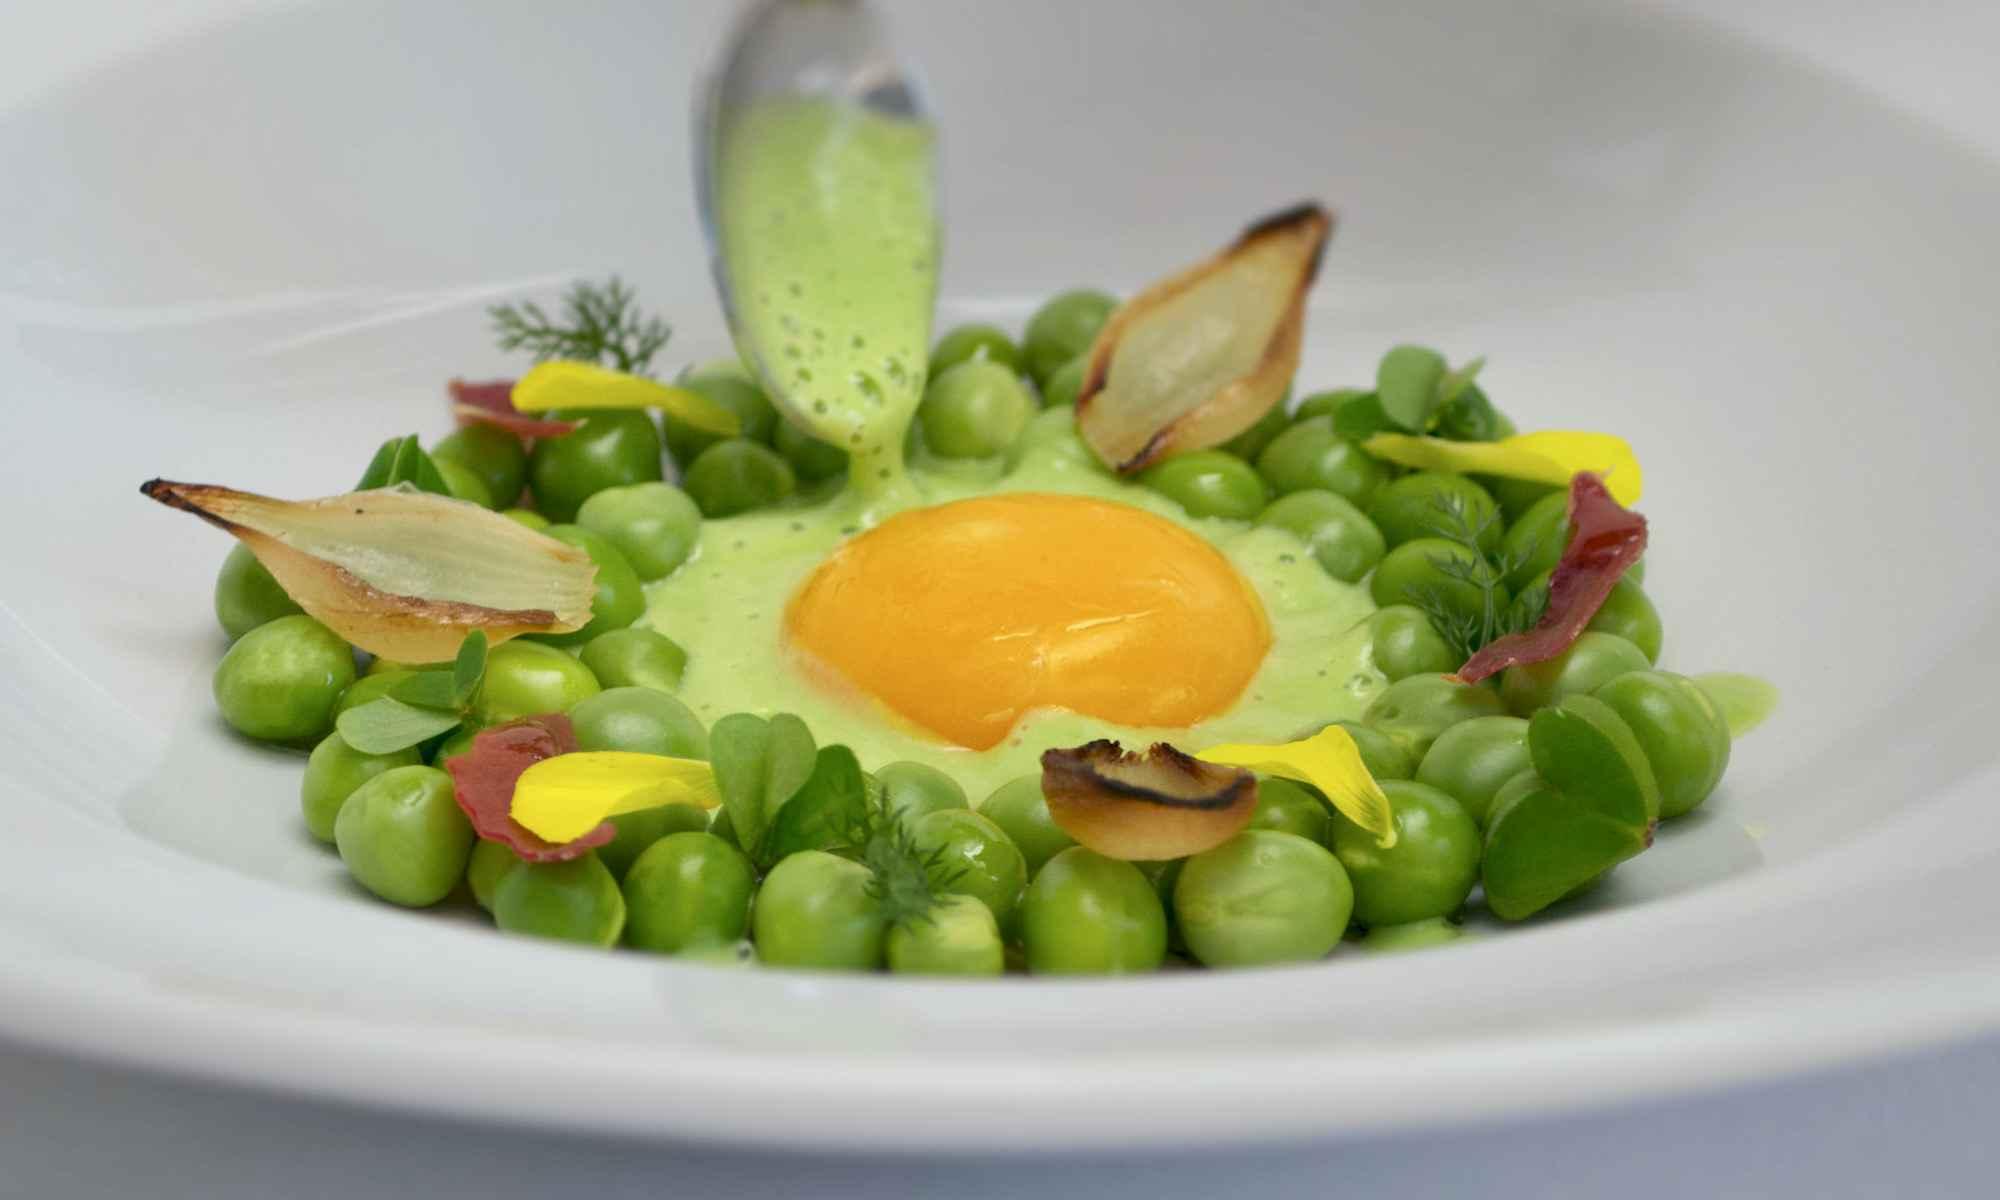 Mallorca Private Chef Service - Confit egg yolk & peas - Food by Pollensa Private Chefs